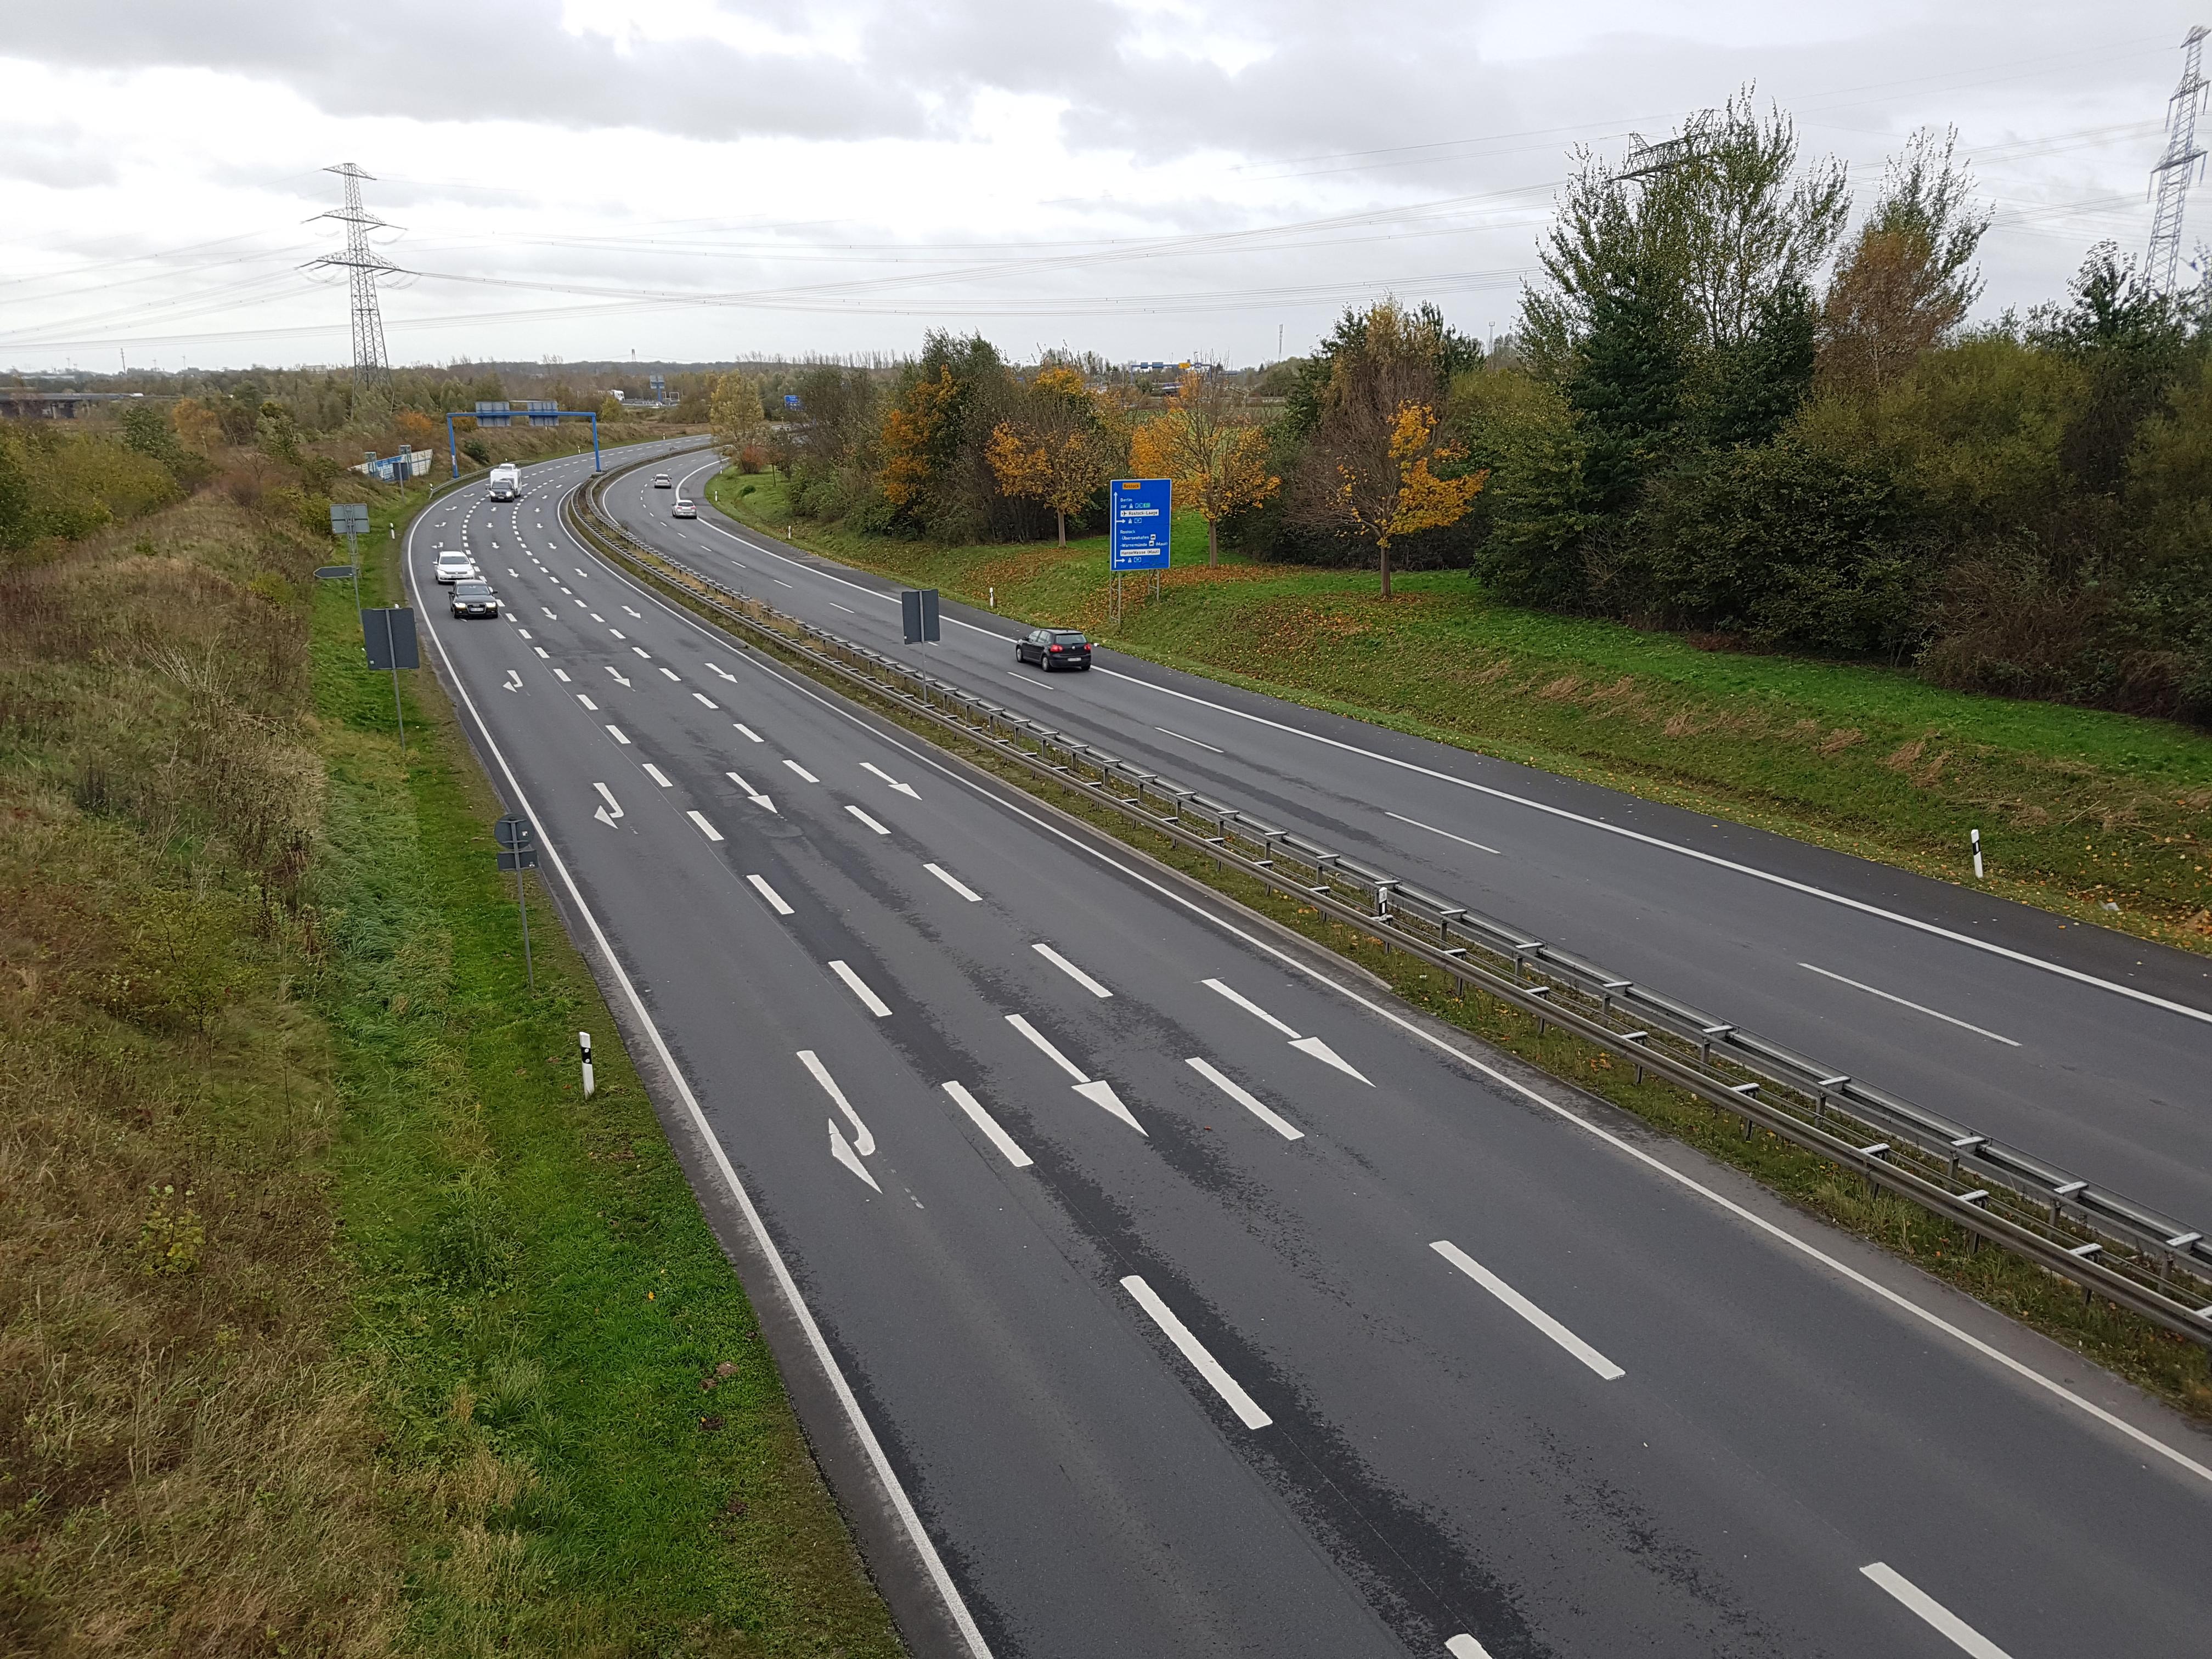 Das Foto zeigt eine mehrspurige Straße, die eine Kurve beschreibt.